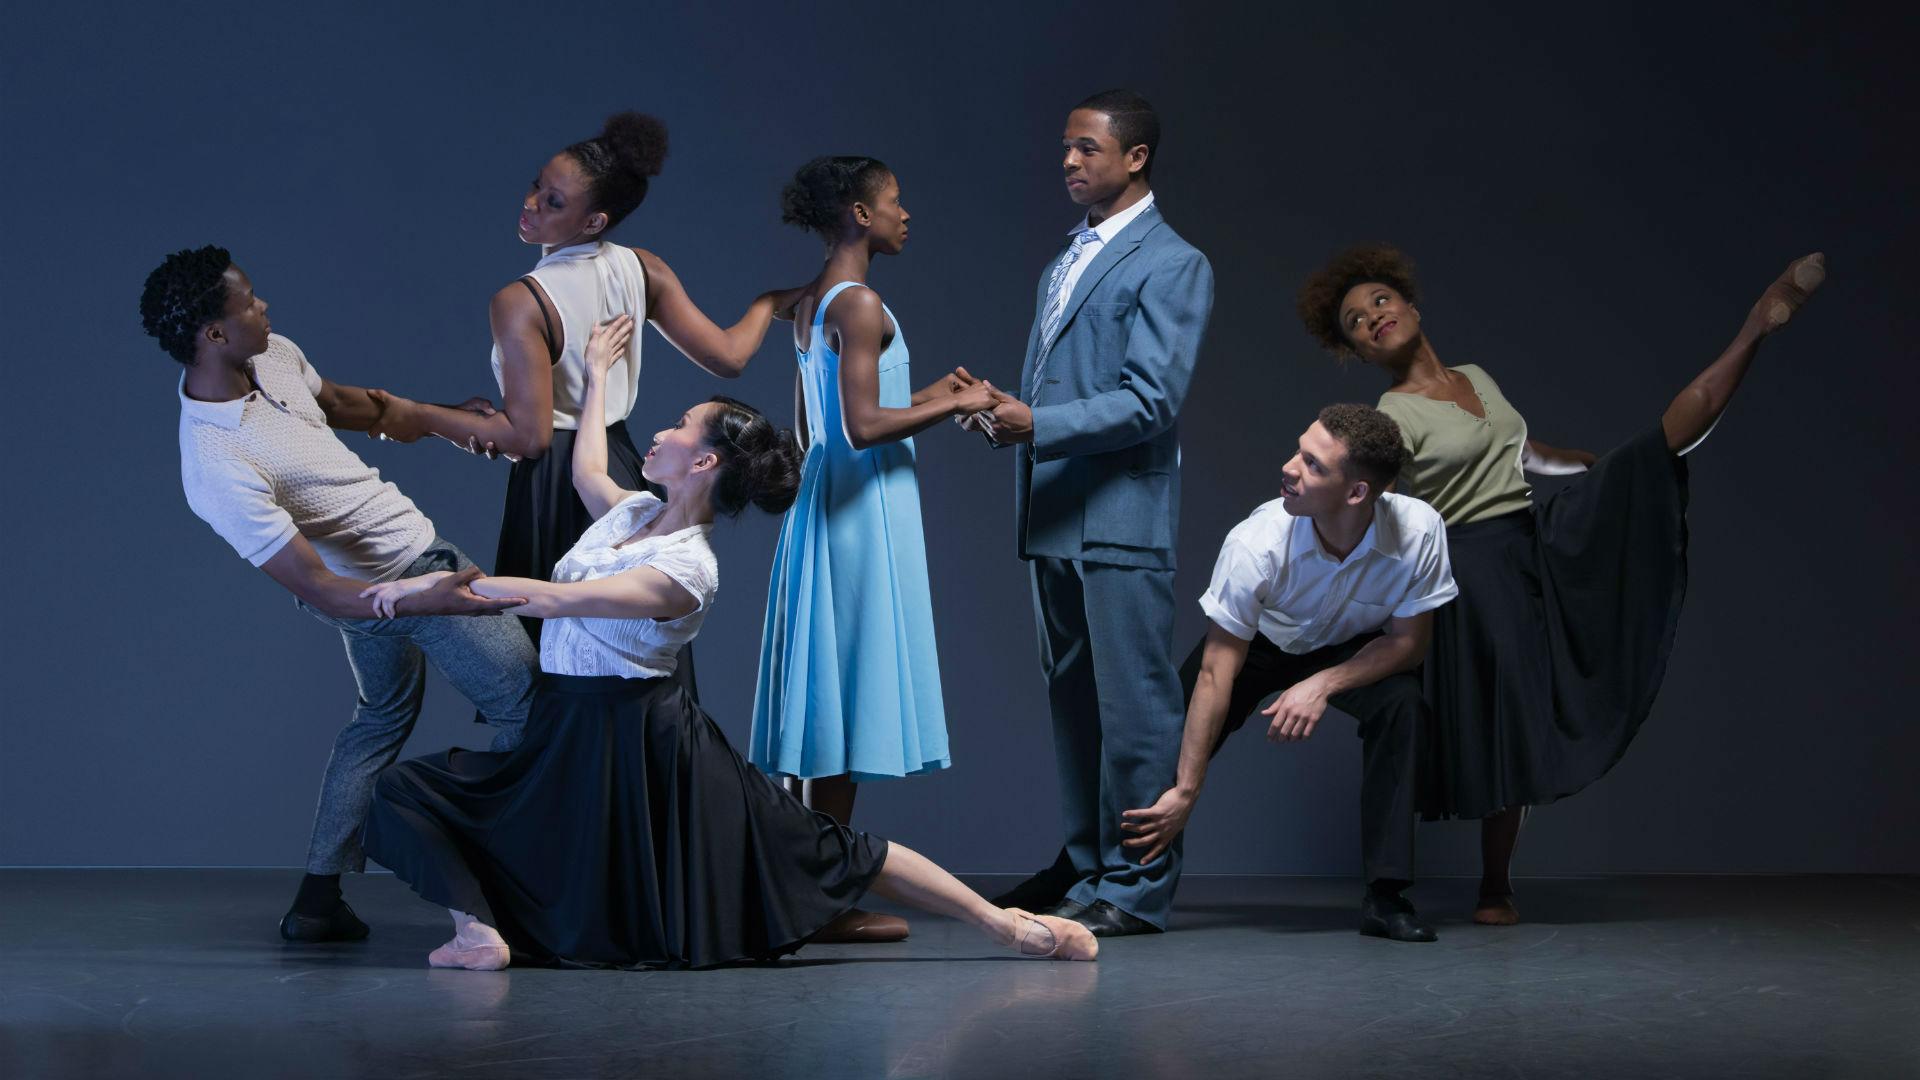 Ballet Black Ballerina The Suit